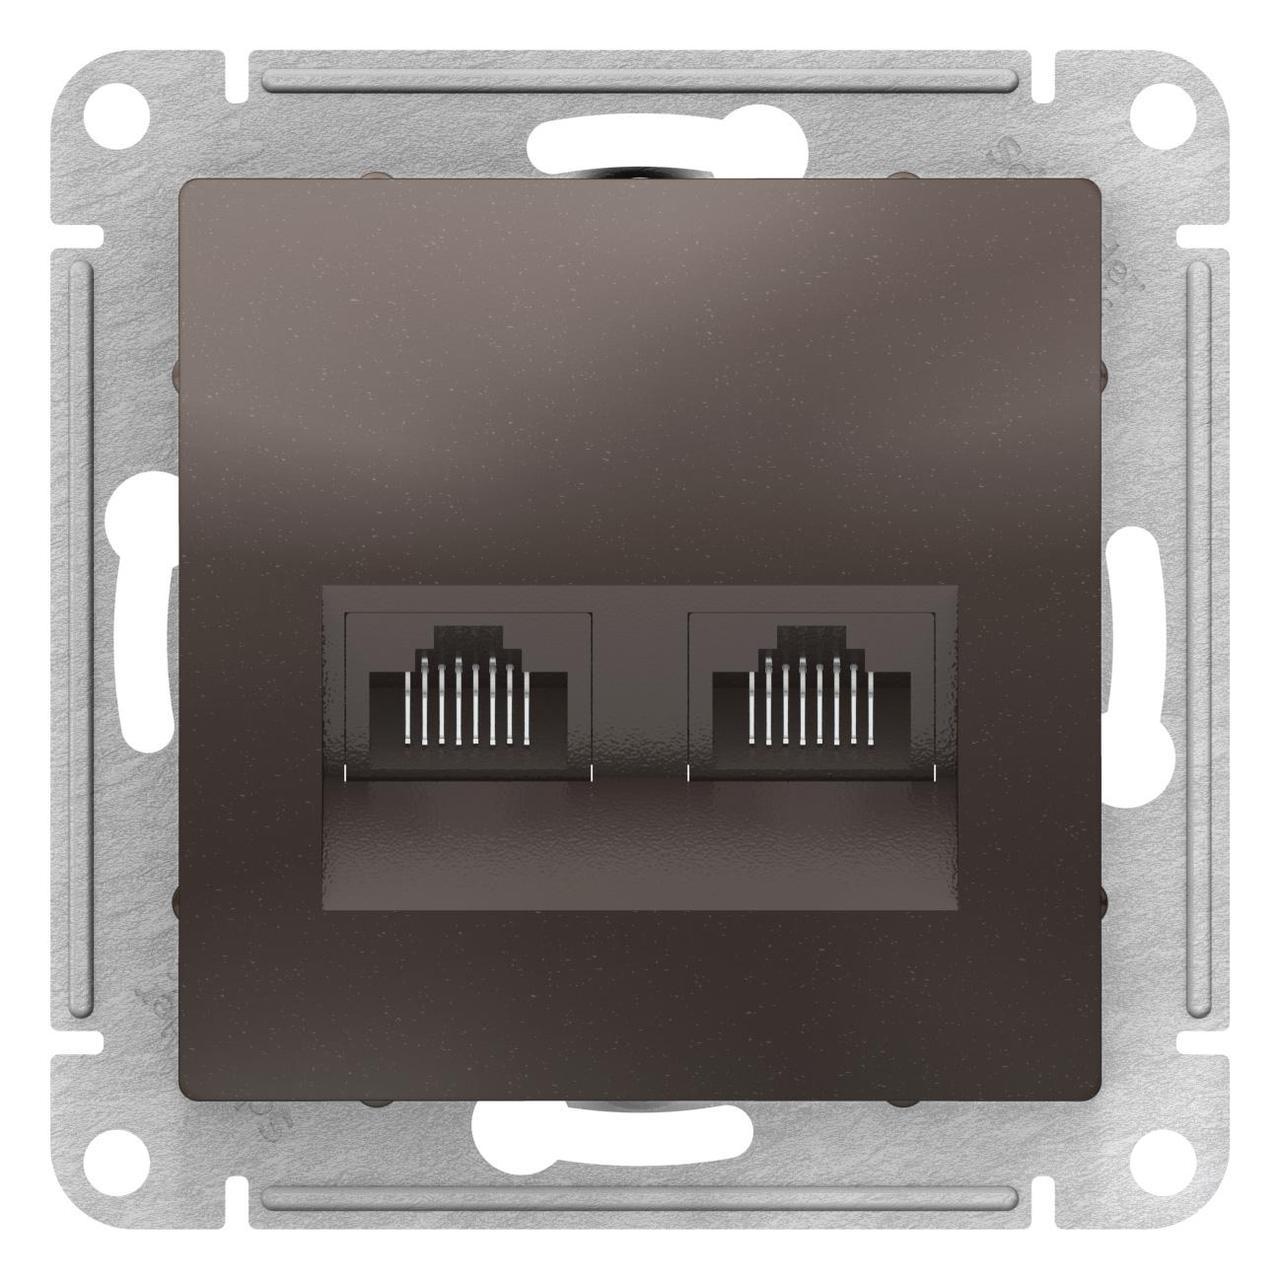 Розетка компьютерная 2-ая кат.5е, RJ-45 (интернет) , Мокко, серия Atlas Design, Schneider Electric